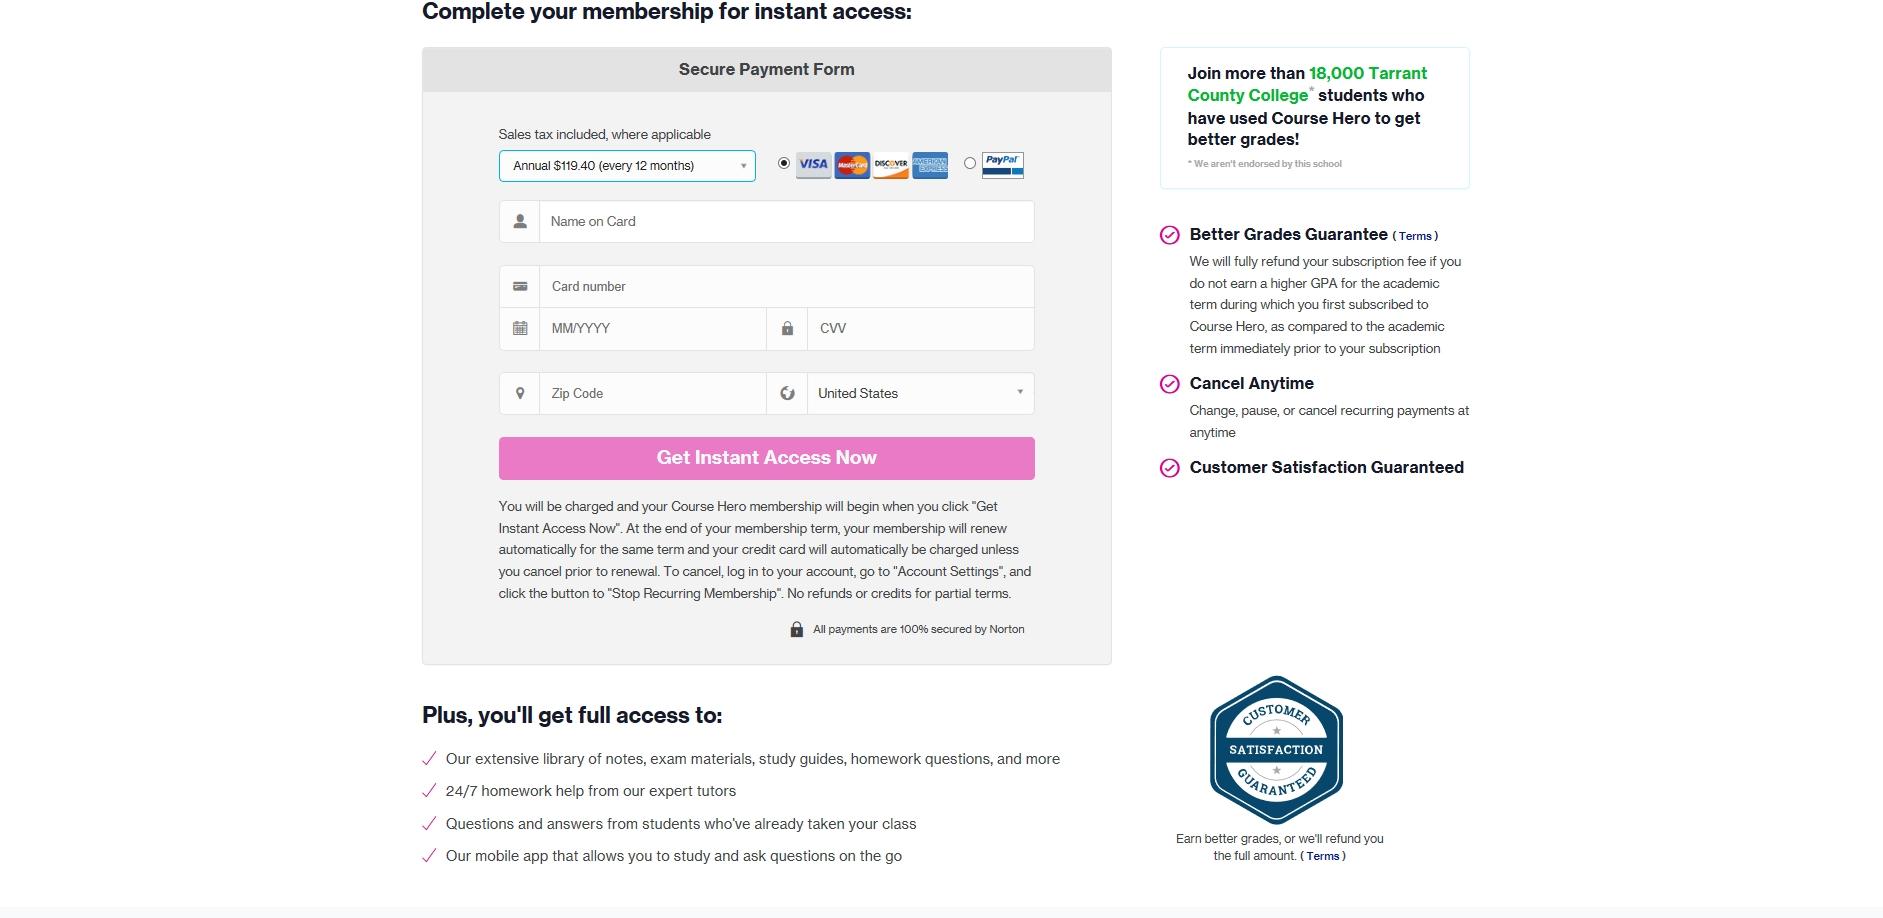 CourseHero Reviews - 32 Reviews of Coursehero com | Sitejabber